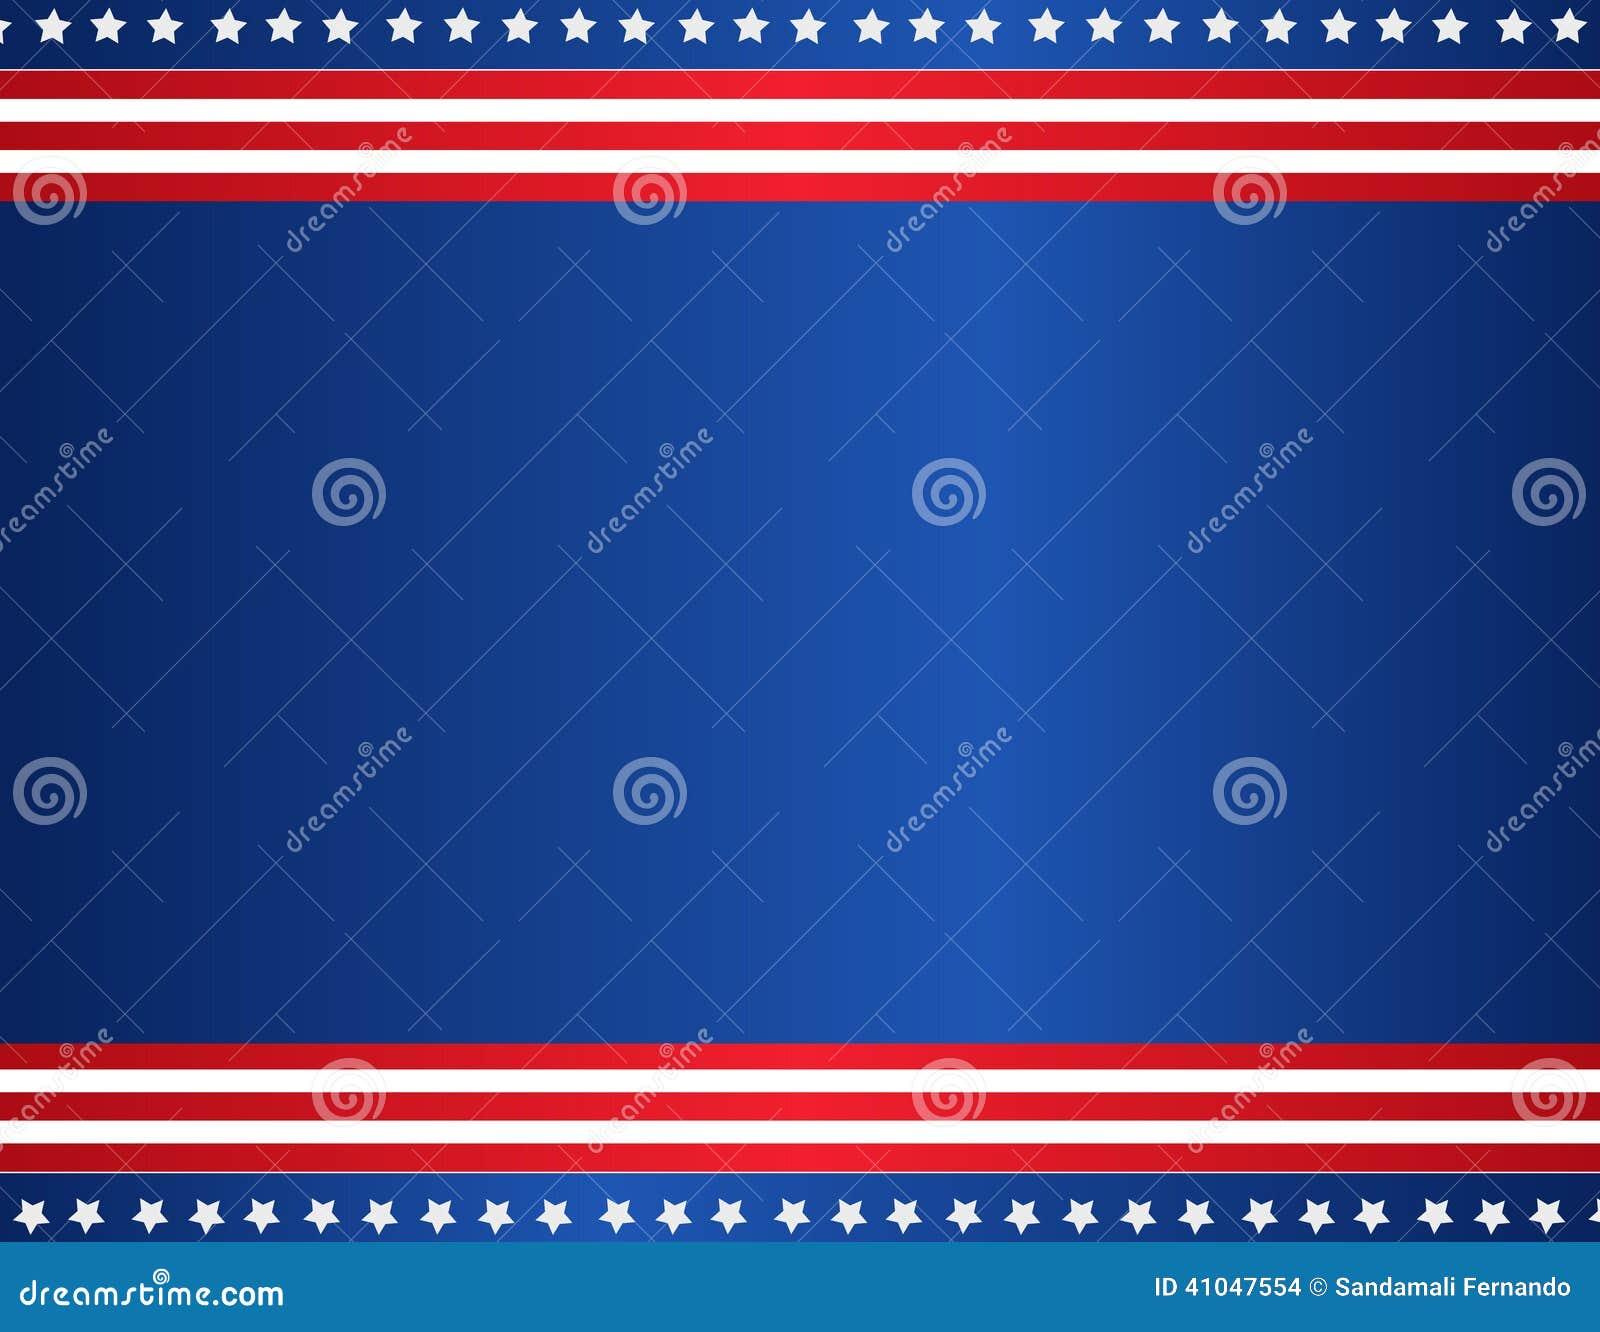 patriotic border stock vector